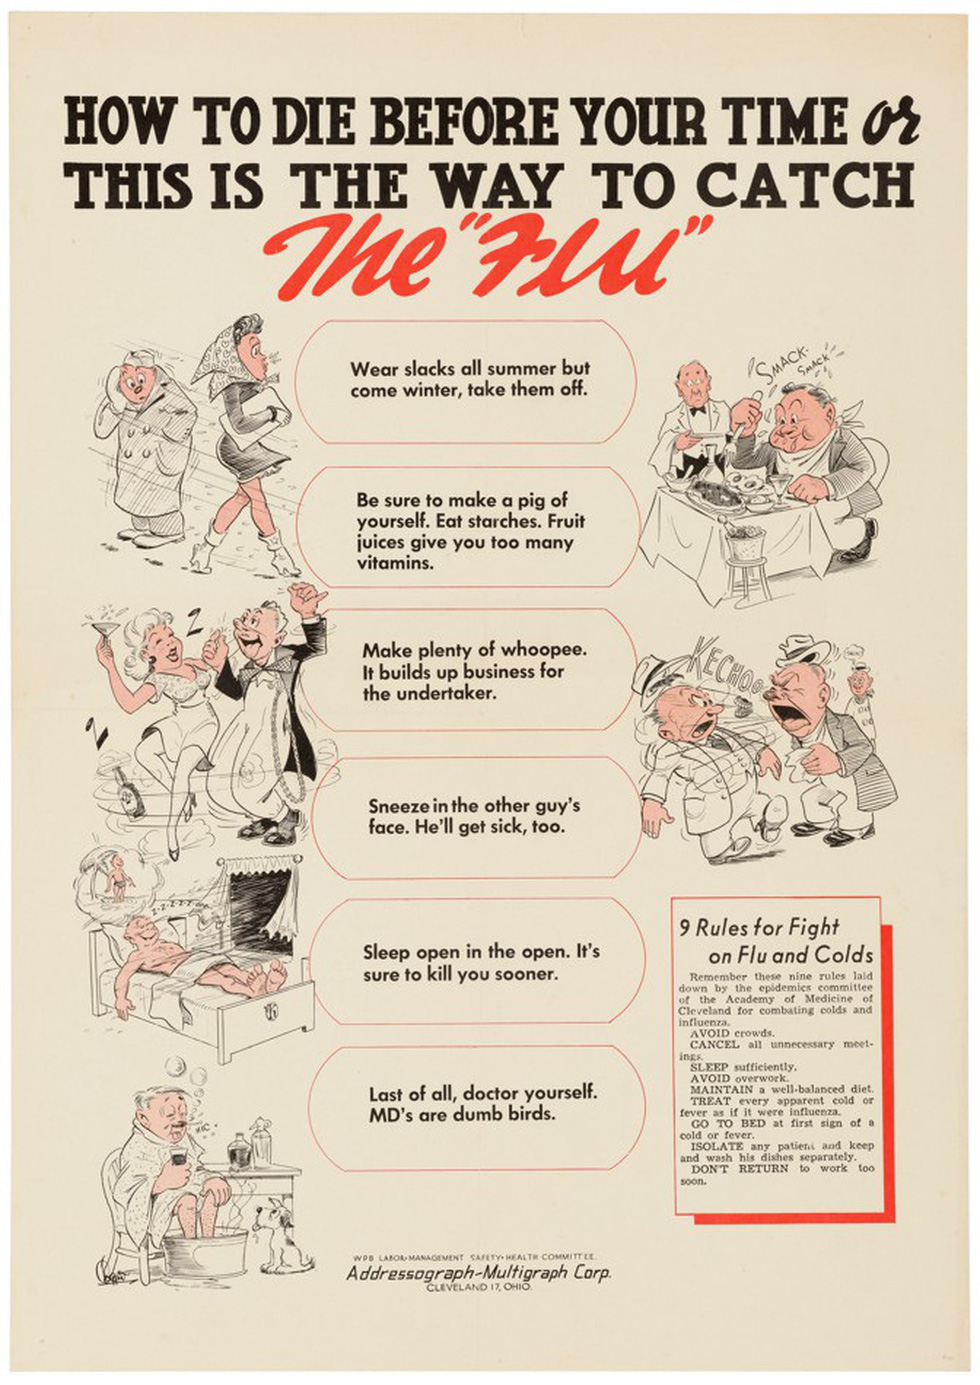 100 năm apphich vẫn thông điệp: Che miệng khi ho, ở nhà khi bệnh, tránh đám đông - Ảnh 4.